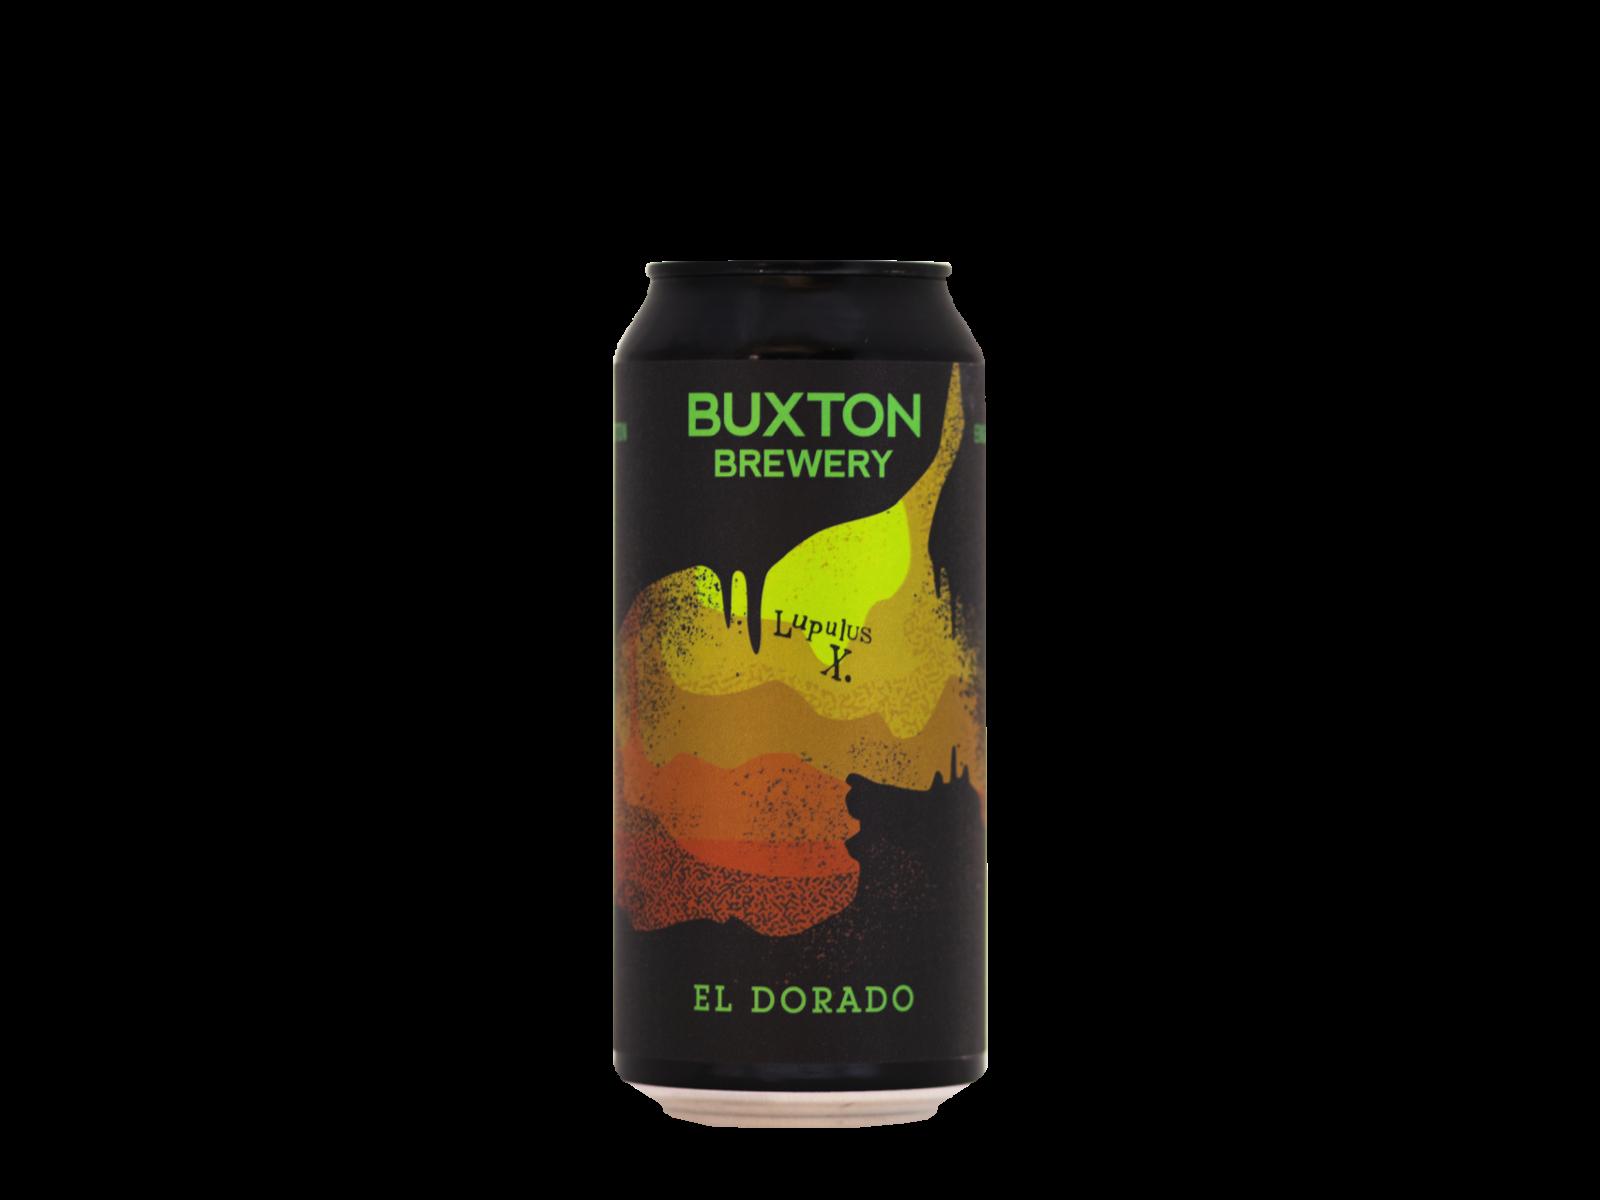 Buxton Brewery / El Dorado